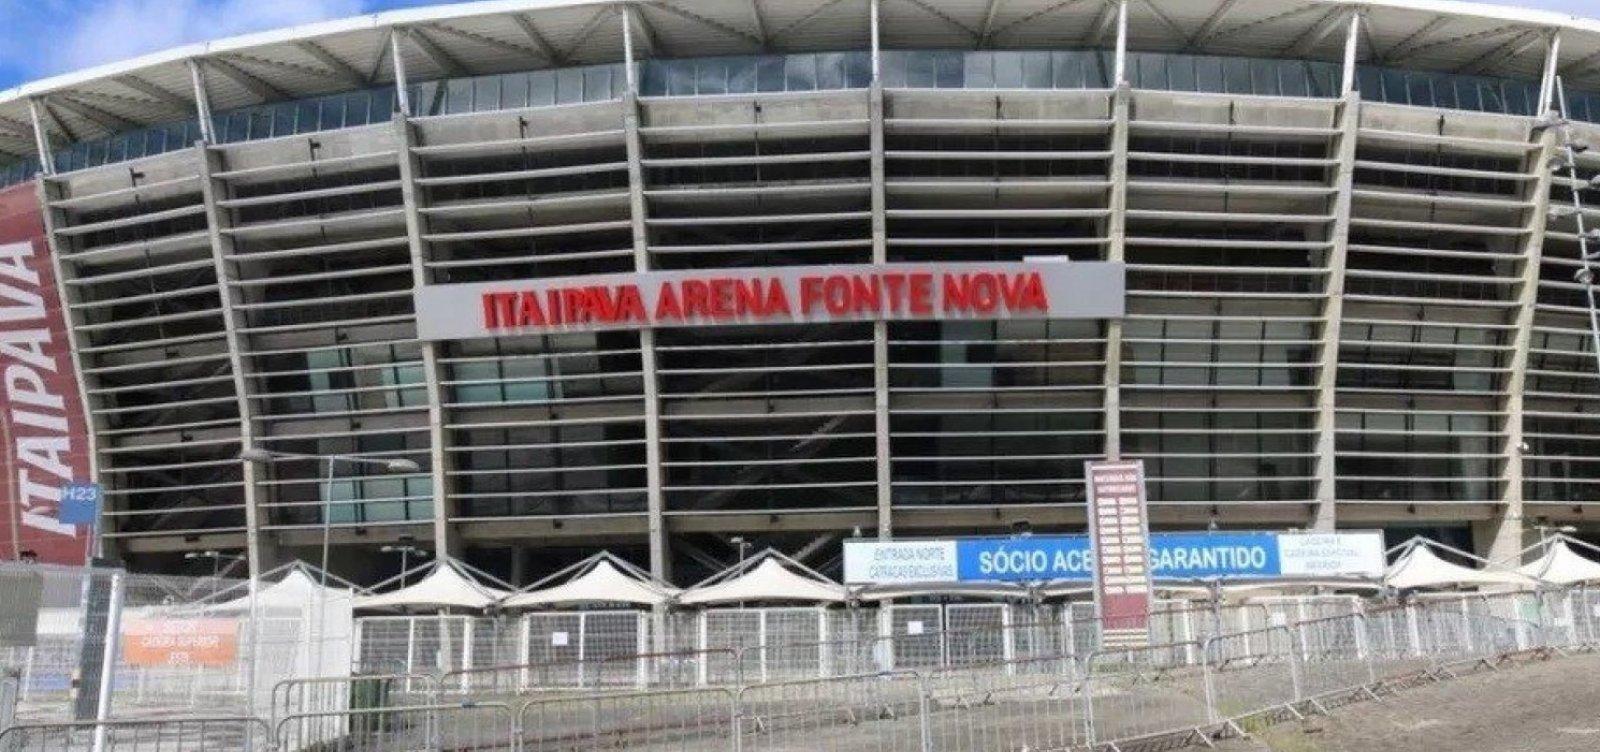 URGENTE: Acidente no Hospital de campanha da  Arena Fonte Nova